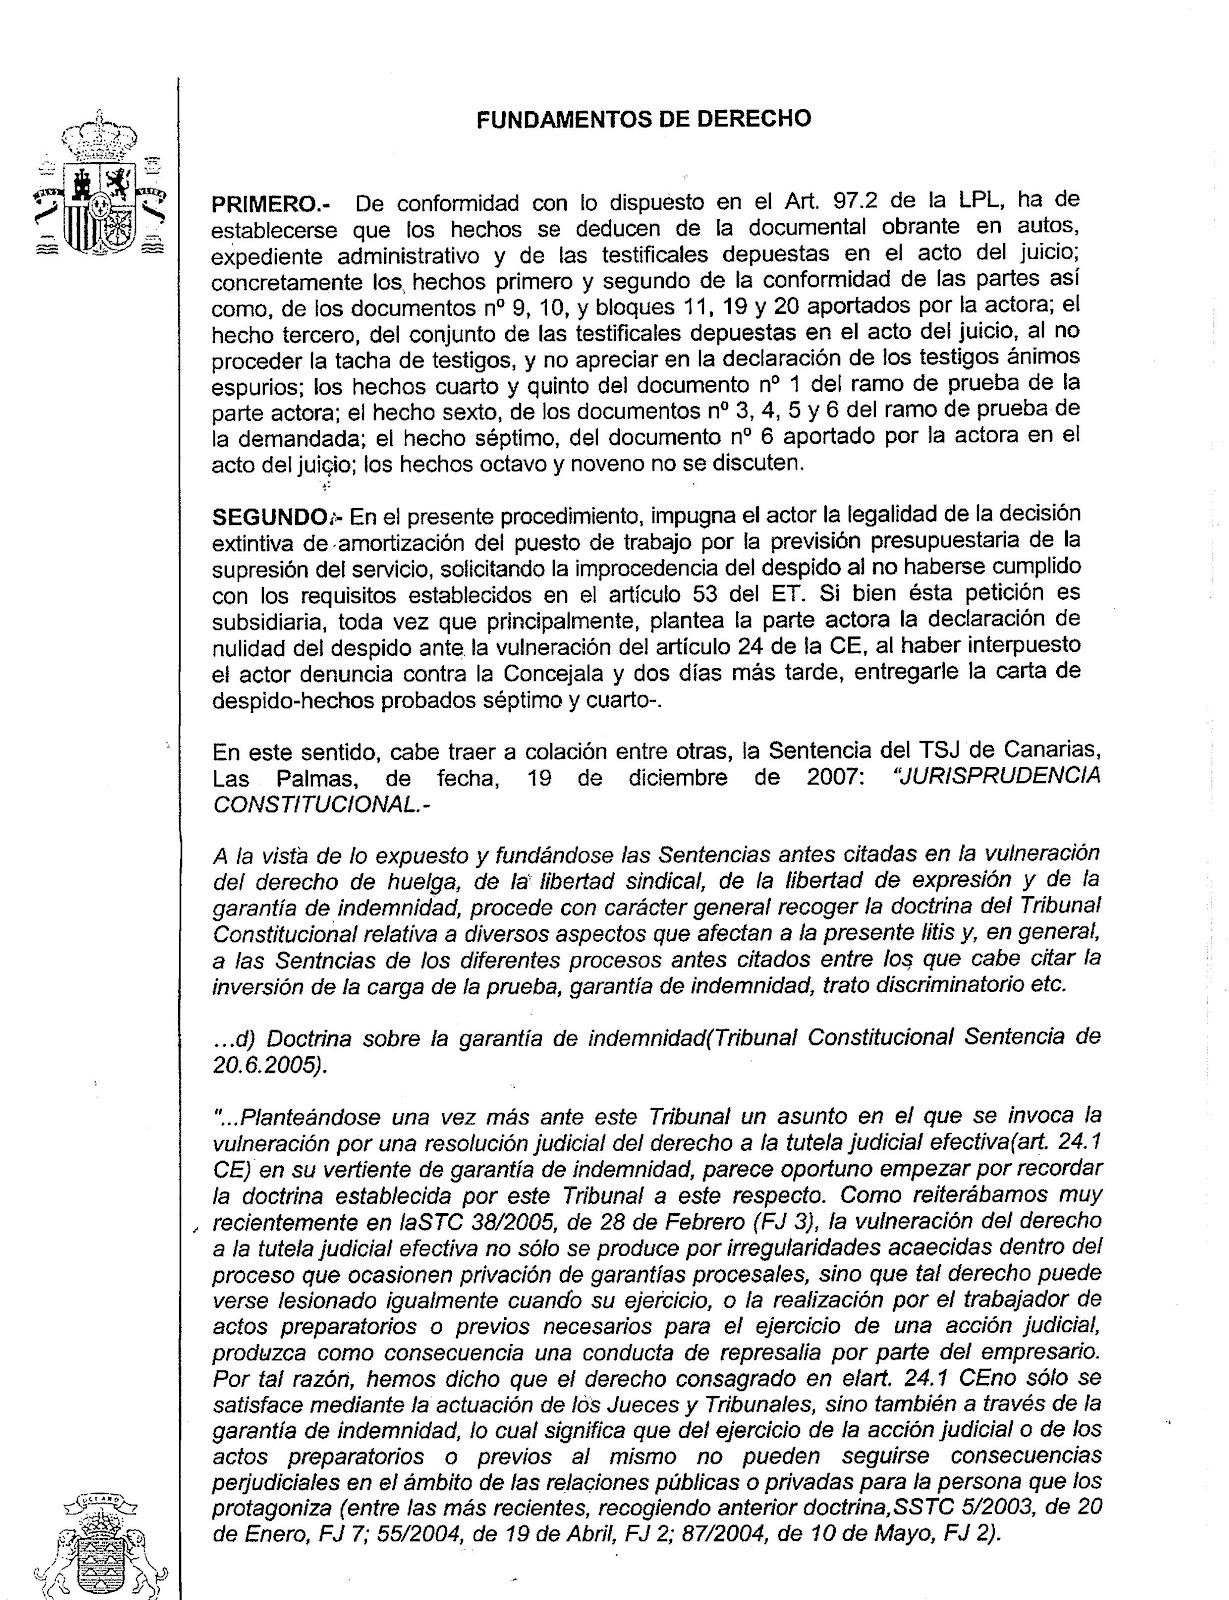 EL DESPIDO DEL VETERINARIO MUNICIPAL DECLARADO POR EL ...